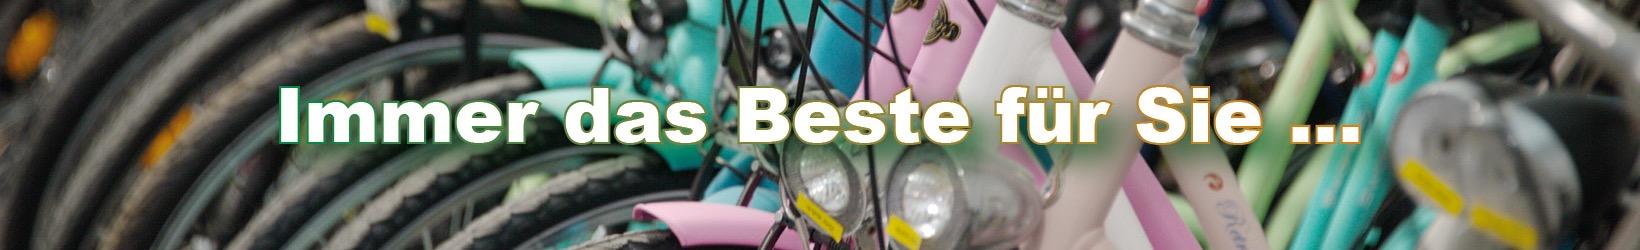 Immer das Beste mit Zweirad-Heins- Foto und Grafik: Katharina Hansen-Gluschitz